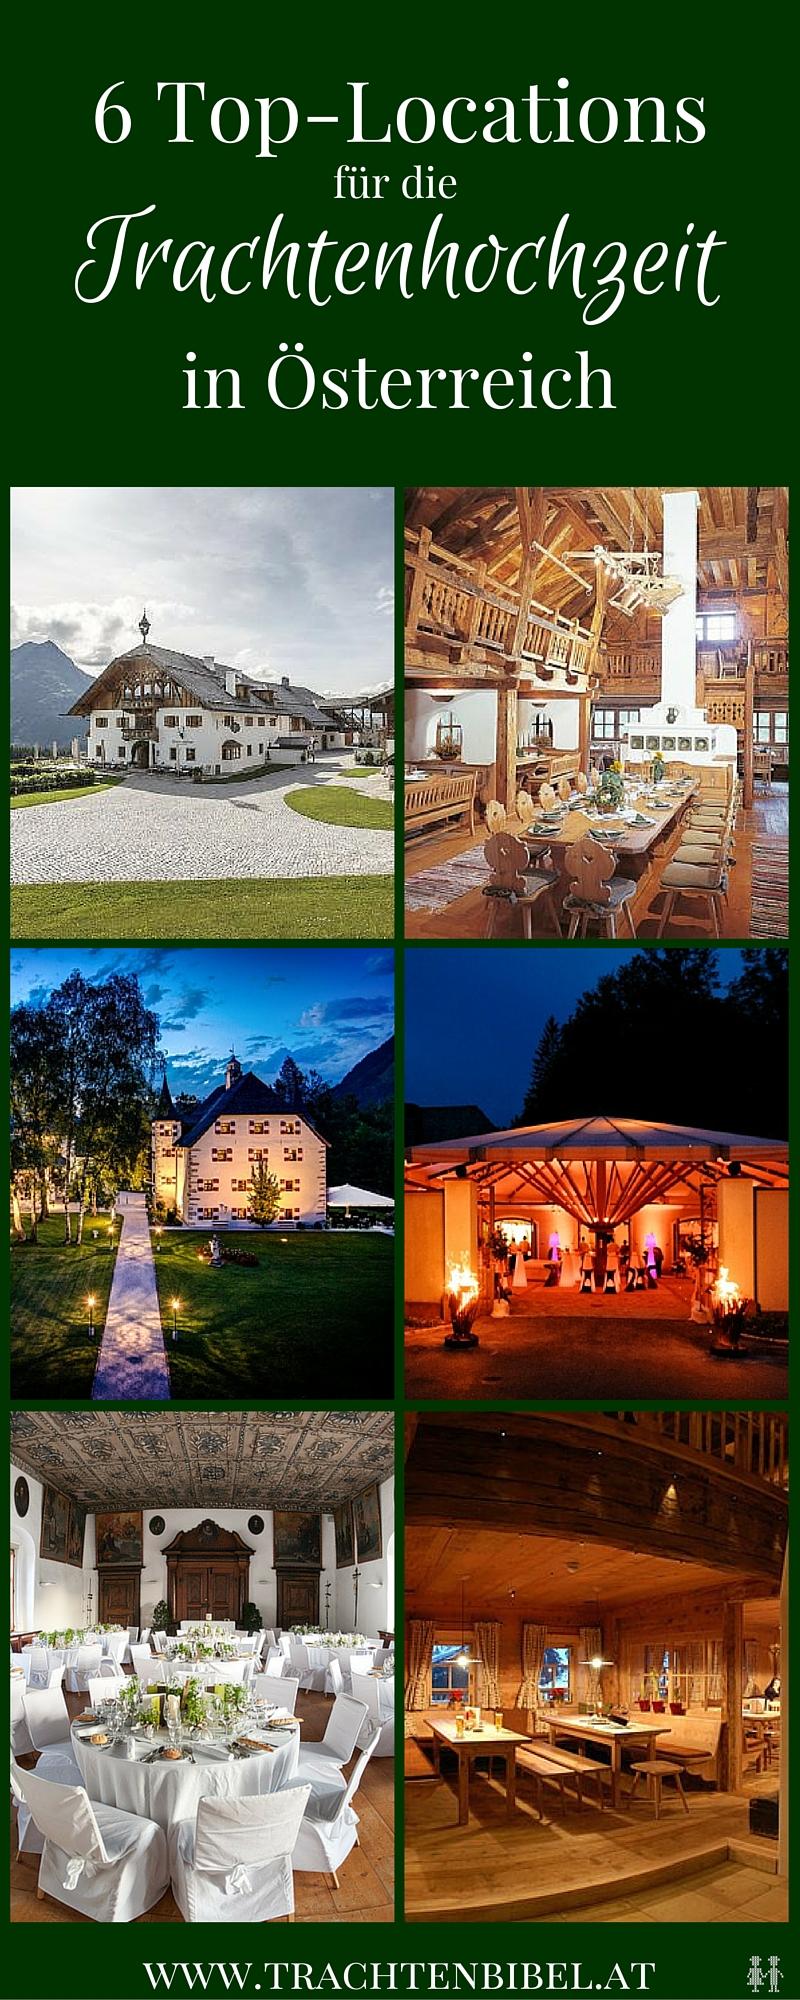 Hochzeitsplanerin Daniela Kainz verrät ihre 6 besten Orte für die Trachtenhochzeit in Österreich.